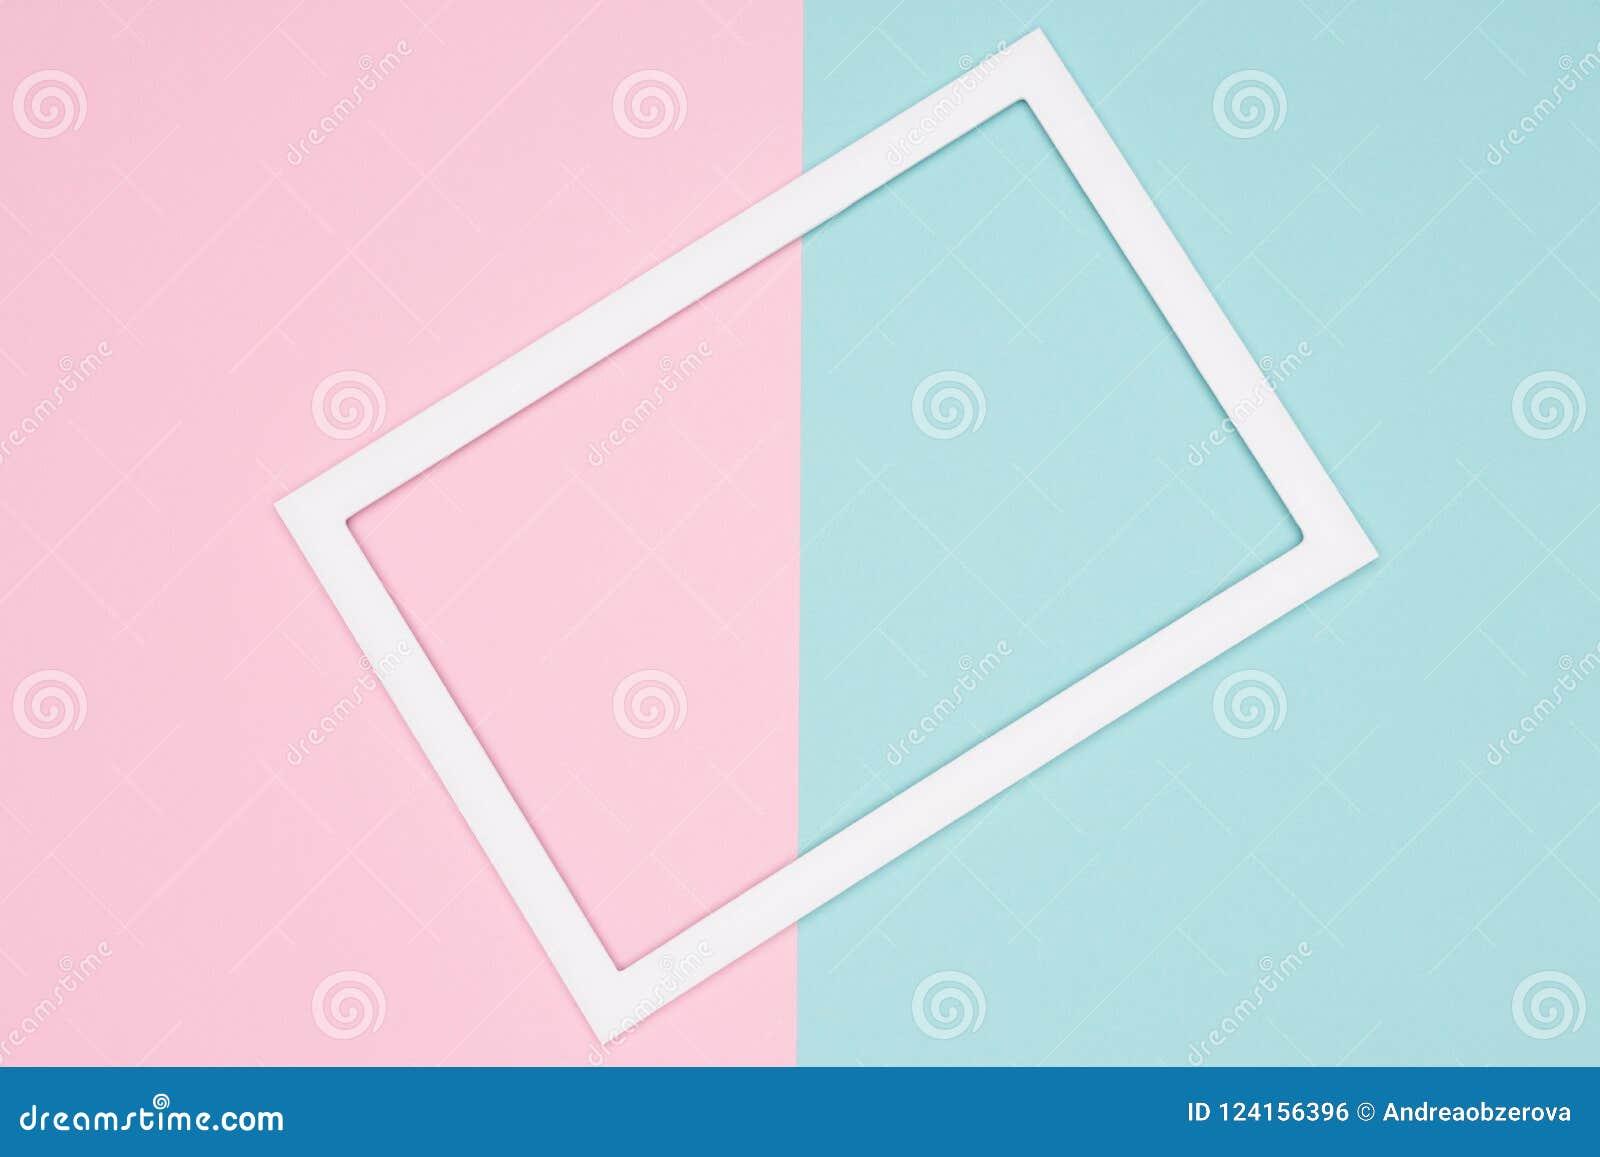 Το αφηρημένο γεωμετρικό μπλε κρητιδογραφιών, το κιρκίρι και το ρόδινο επίπεδο εγγράφου βάζουν το υπόβαθρο Πρότυπο μινιμαλισμού, γ